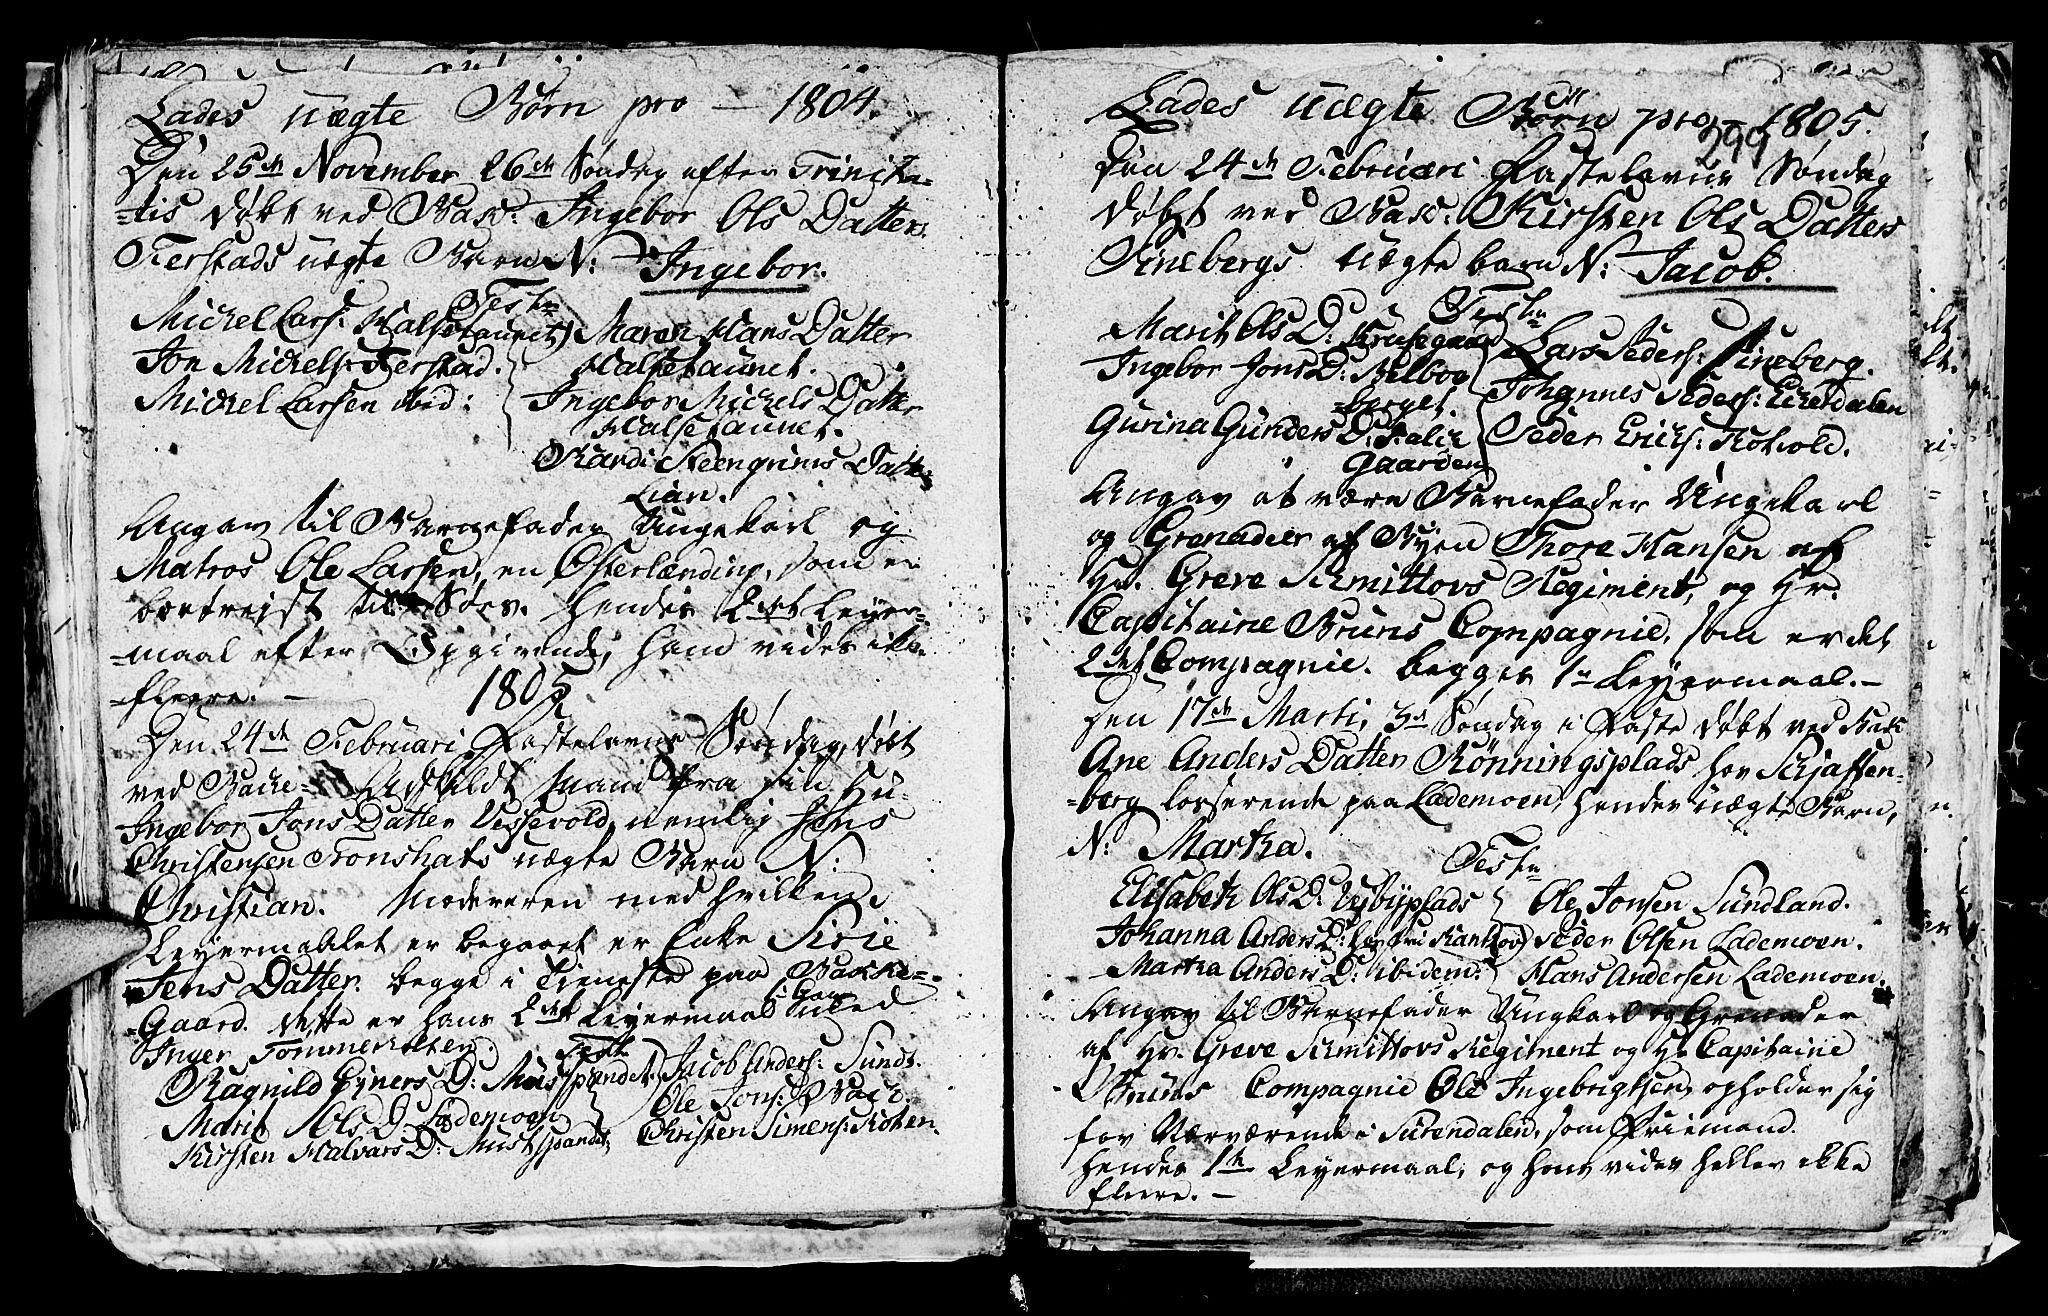 SAT, Ministerialprotokoller, klokkerbøker og fødselsregistre - Sør-Trøndelag, 606/L0305: Klokkerbok nr. 606C01, 1757-1819, s. 299